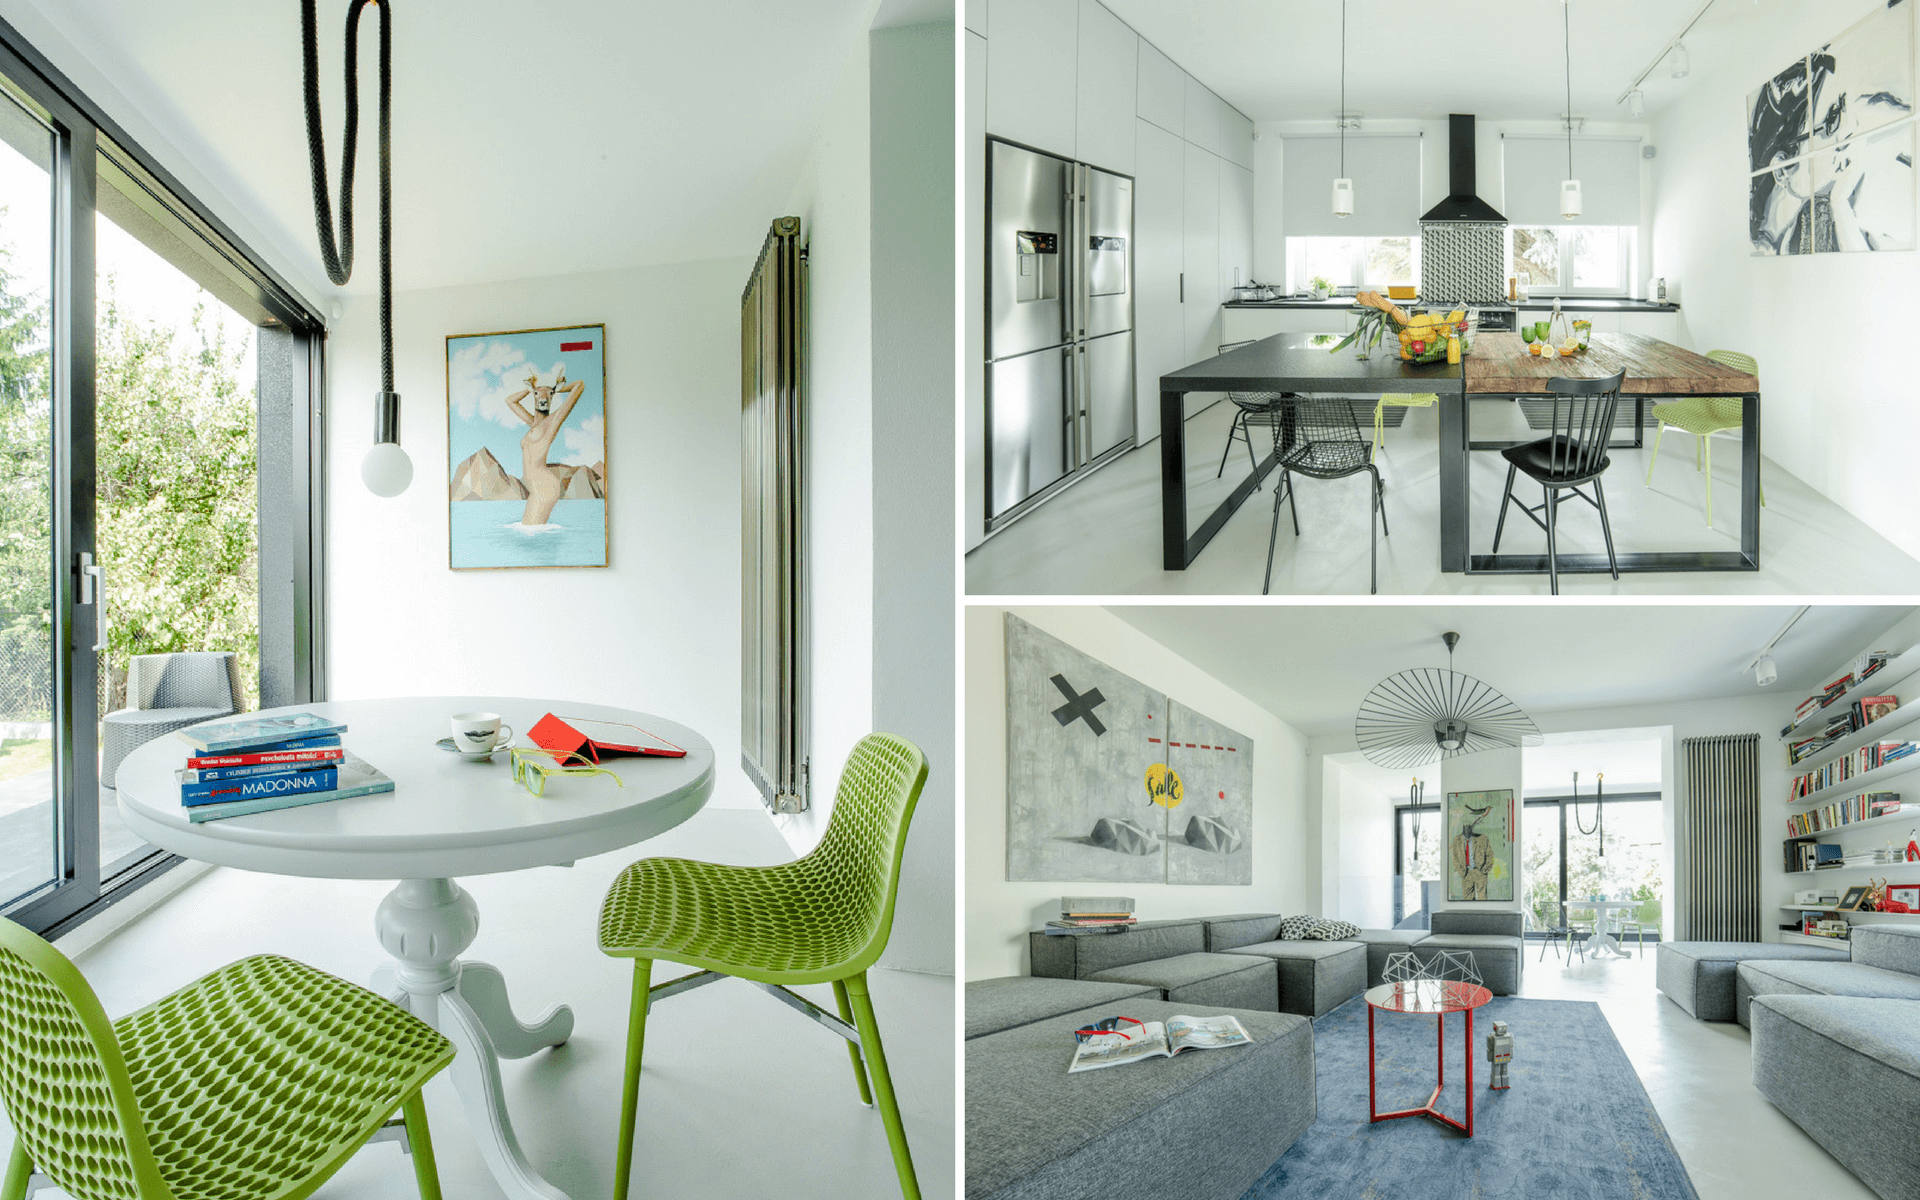 Arredare La Casa.Urban Style Come Arredare La Casa In 4 Consigli Blog